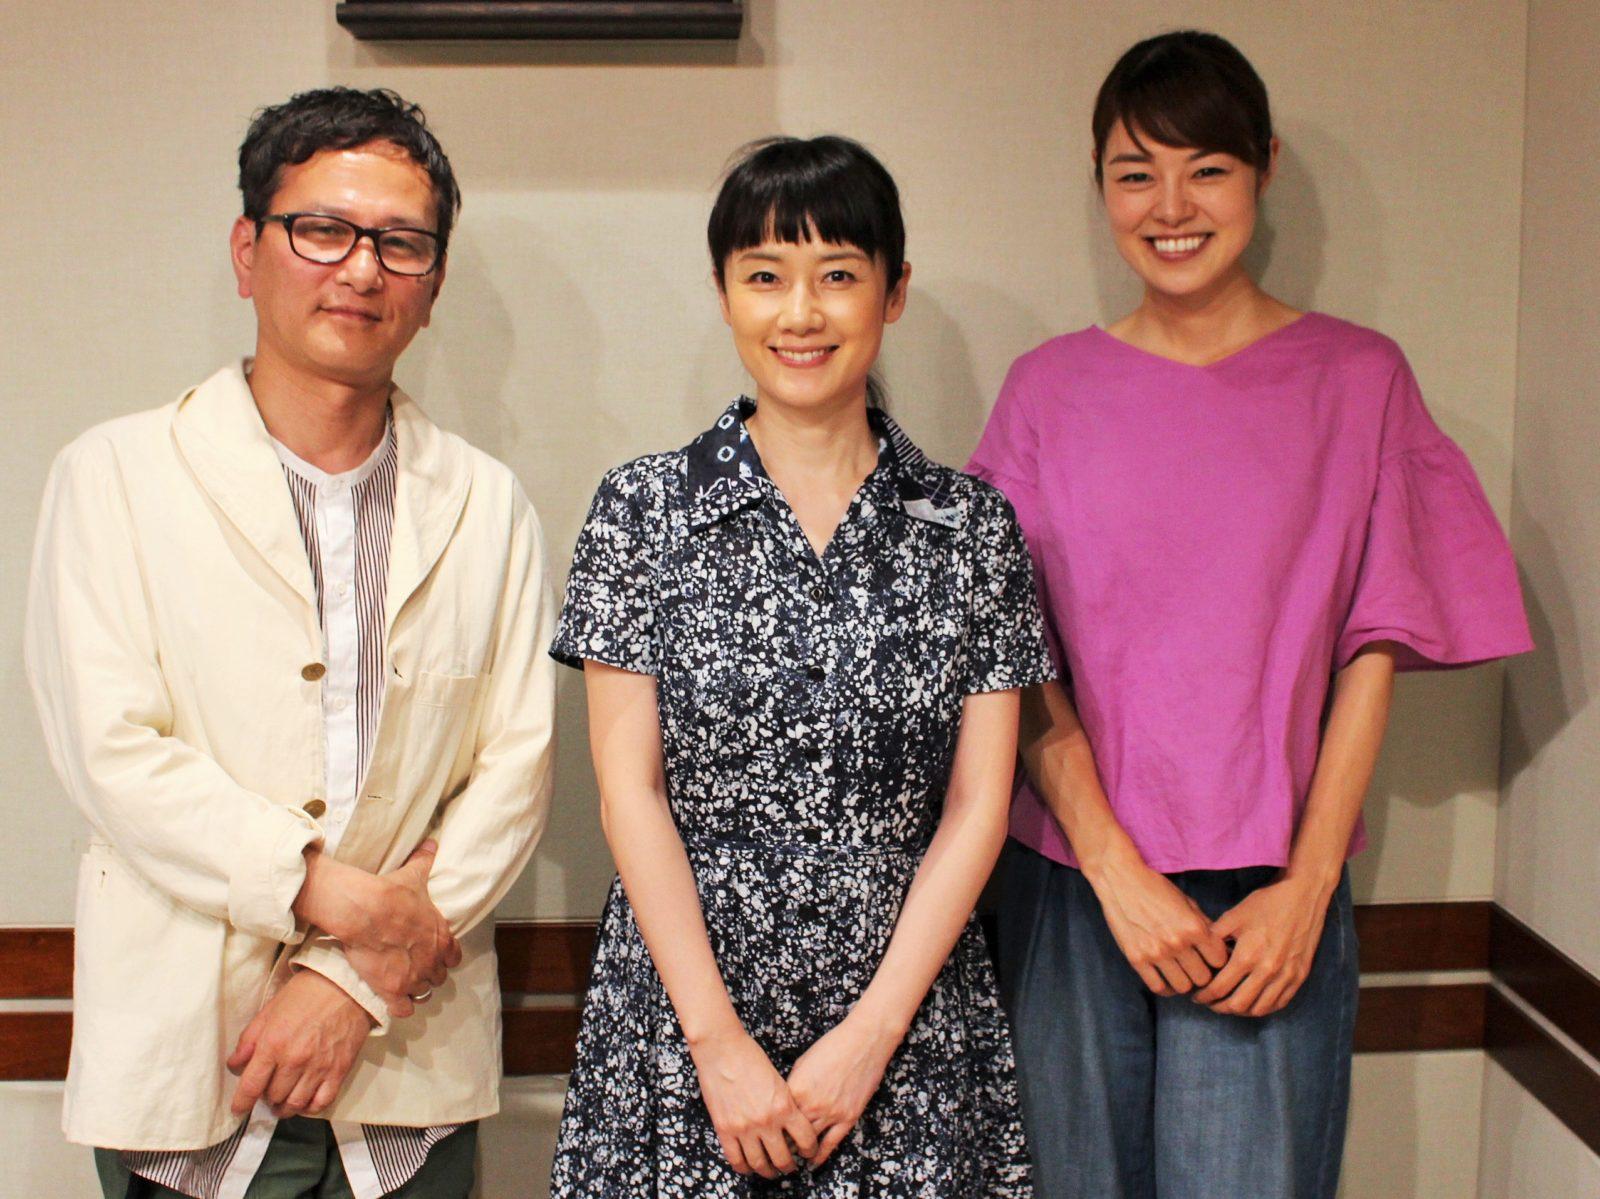 原田知世、TOKYO FM『AGF(R) presents 原田知世「音楽と私と35年」』で自身の活動を振り返るサムネイル画像